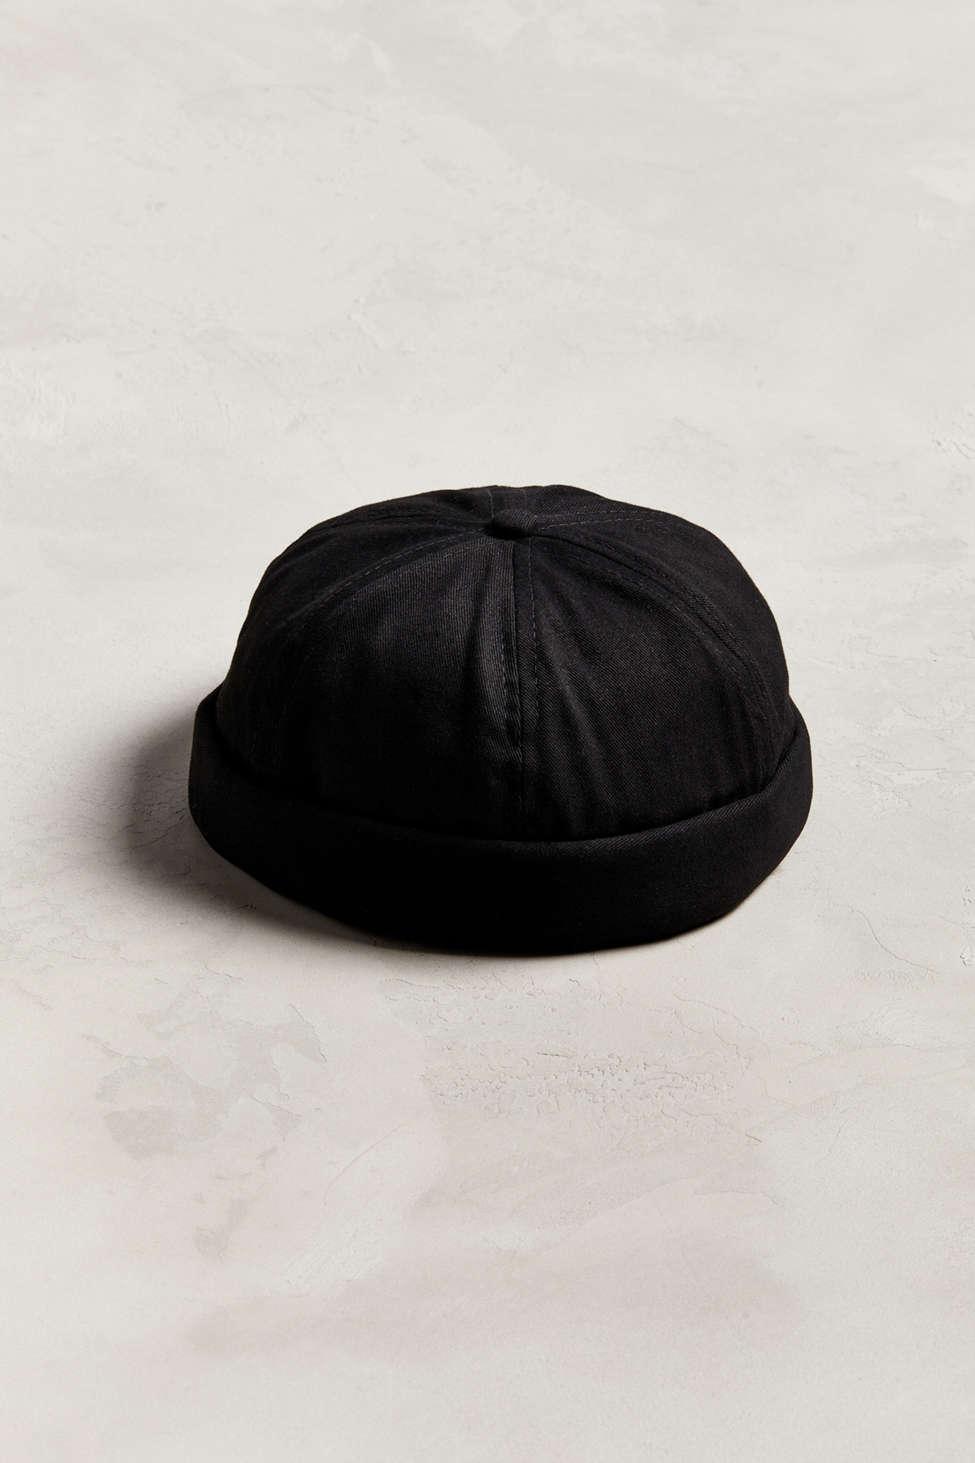 047bdd3c662 Lyst - Urban Outfitters Docker Hat in Black for Men